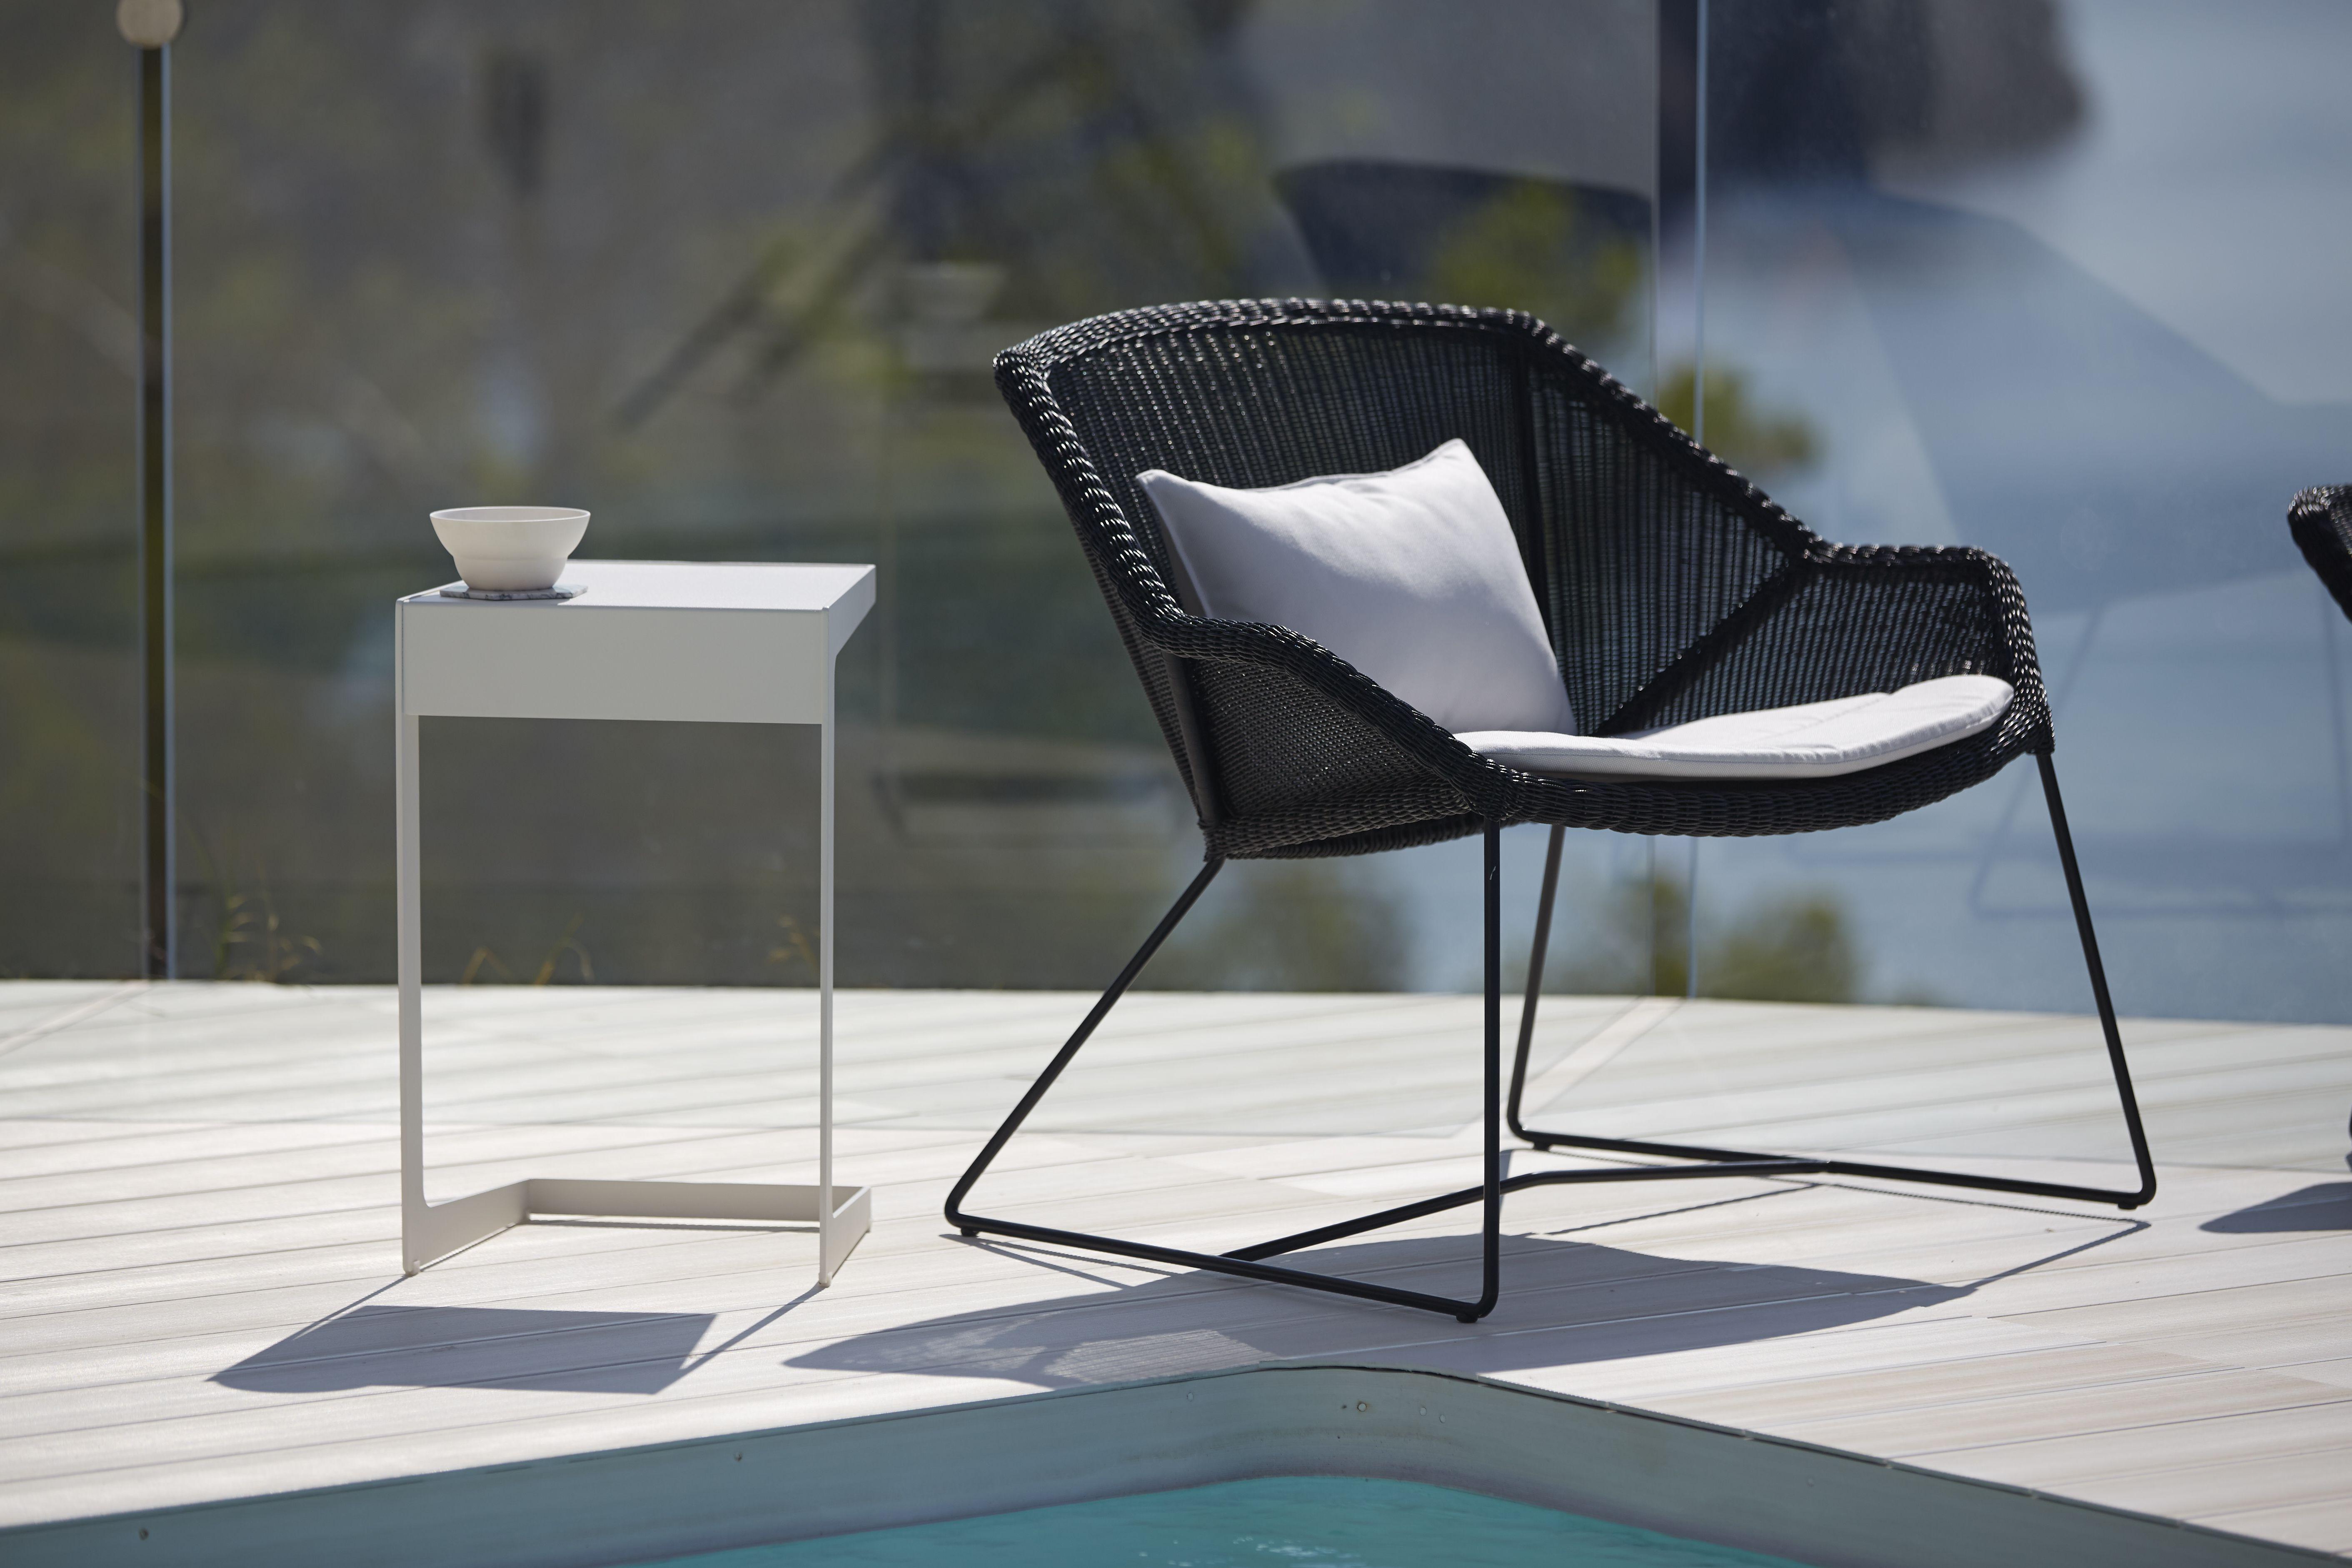 Cane Line Garten Terrassenmobel Mit Design Aus Danemark Cane Line